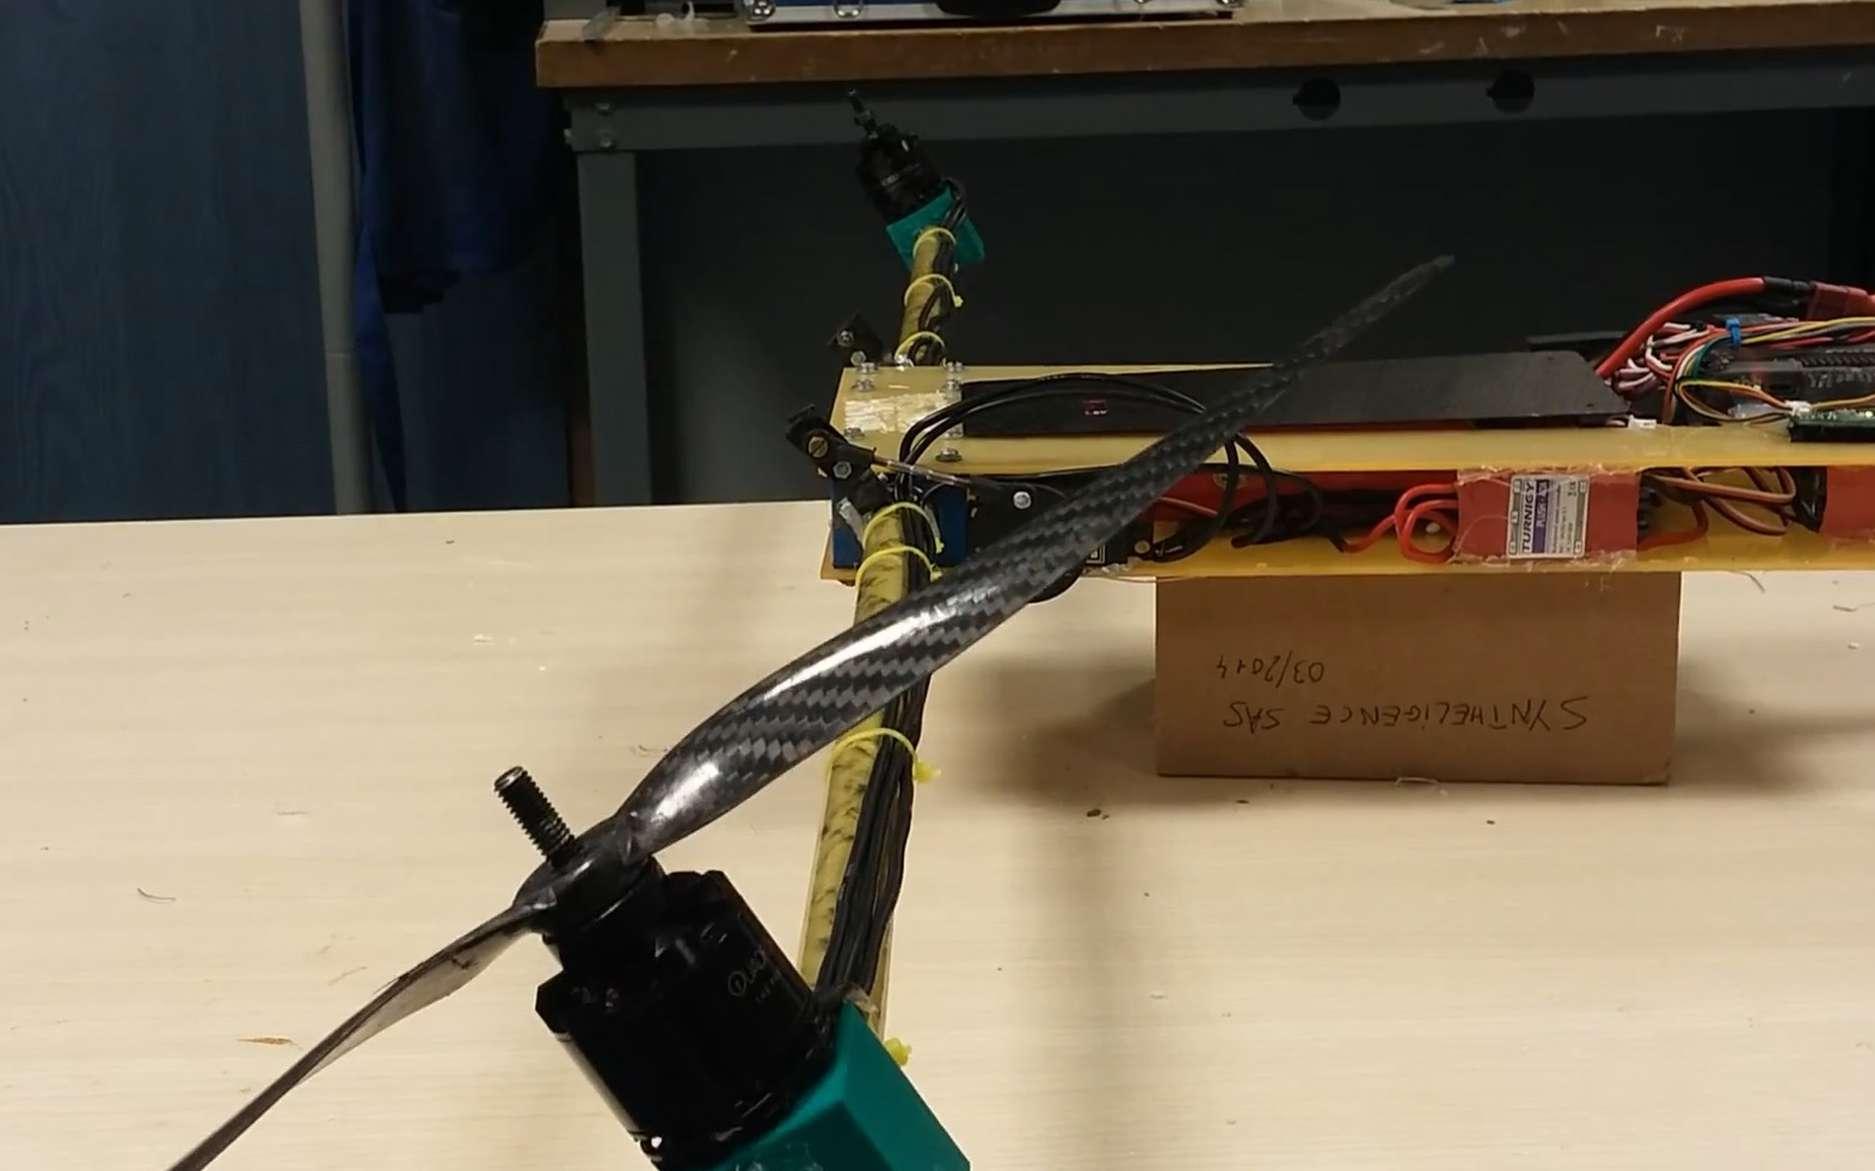 Un des trois rotors basculants du Dronad'Air. Grâce à eux, l'engin peut voler comme un hélicoptère pour les décollages et les atterrissages ou bien avec des ailes, comme un avion. Le prototype actuel, très abouti, est devenu fonctionnel. © Epitech